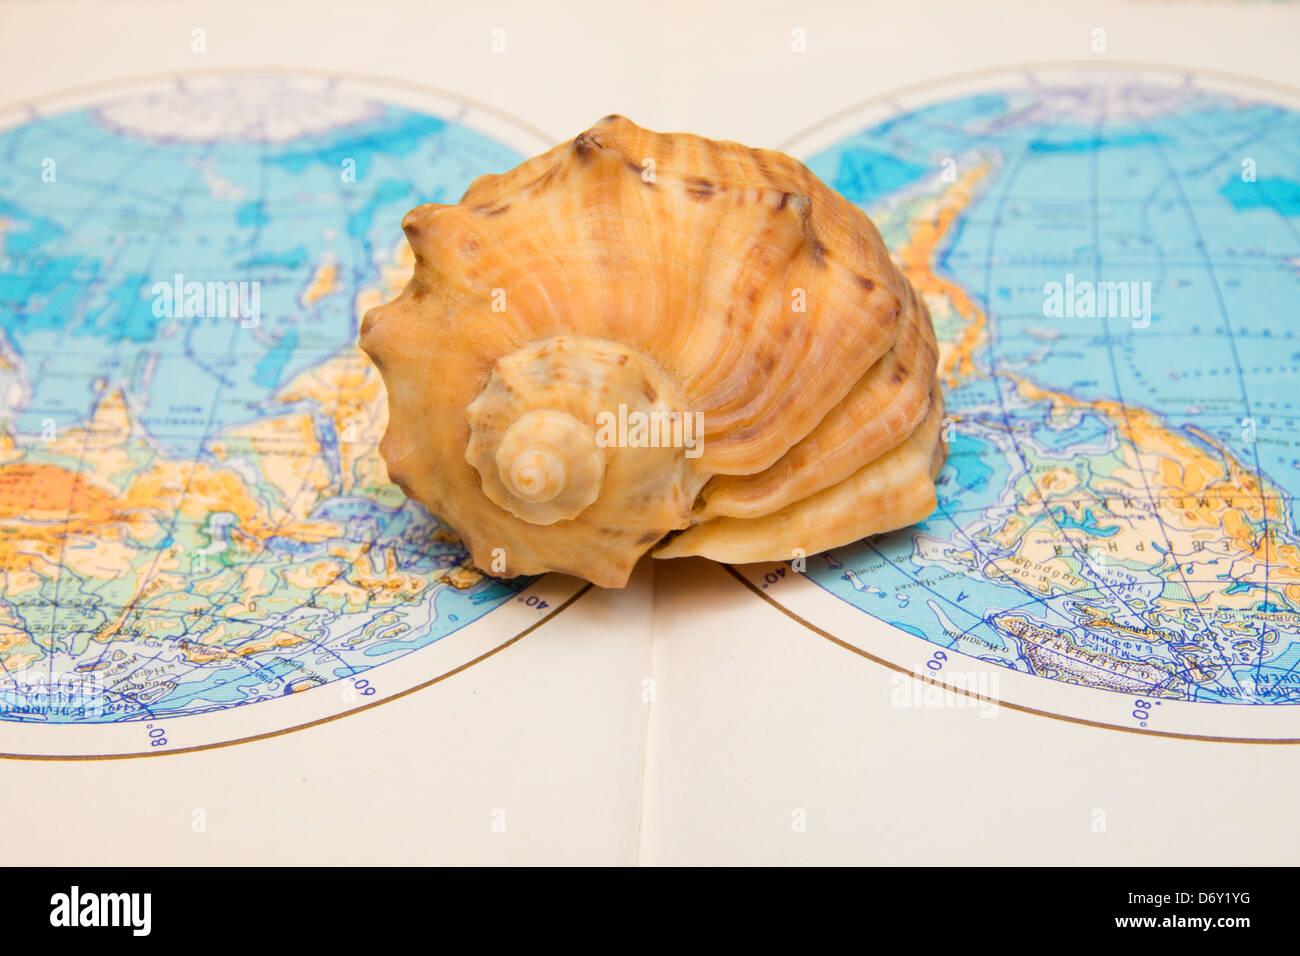 Conchas marinas más mapa mundial de cerca. Concepto de viaje. Imagen De Stock